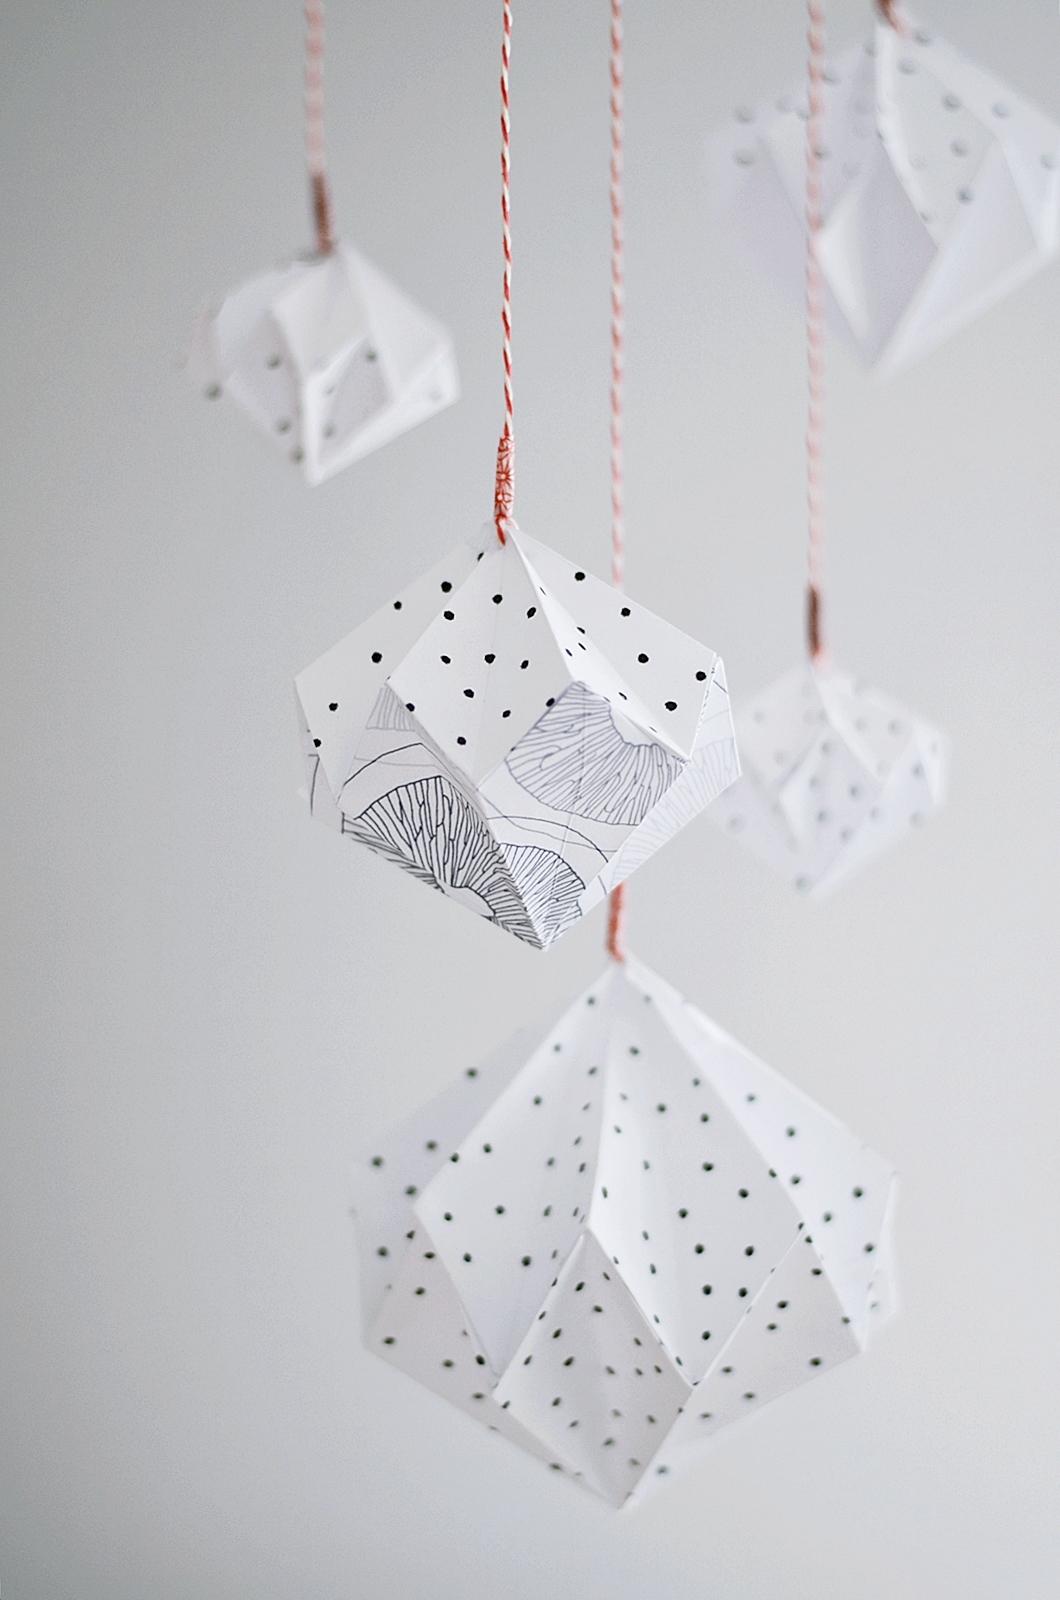 Origami Diamanten | Sinnenrausch - Der kreative DIY Blog ... - photo#3